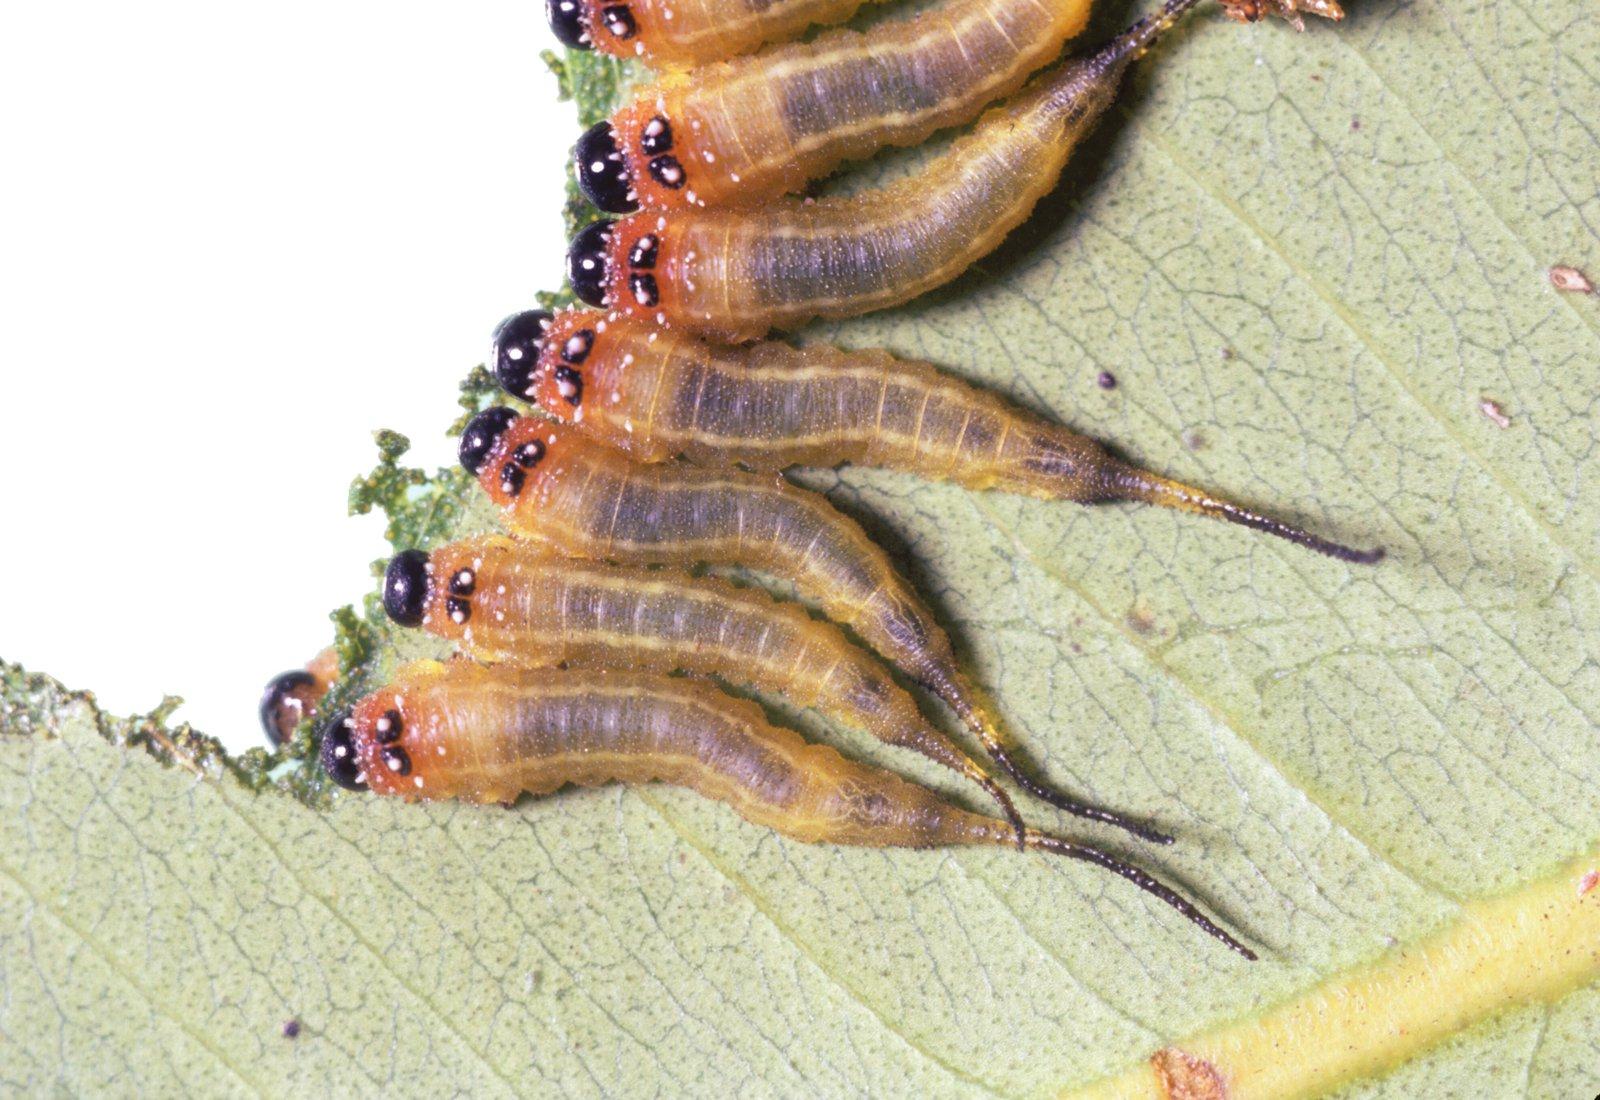 Symphyta